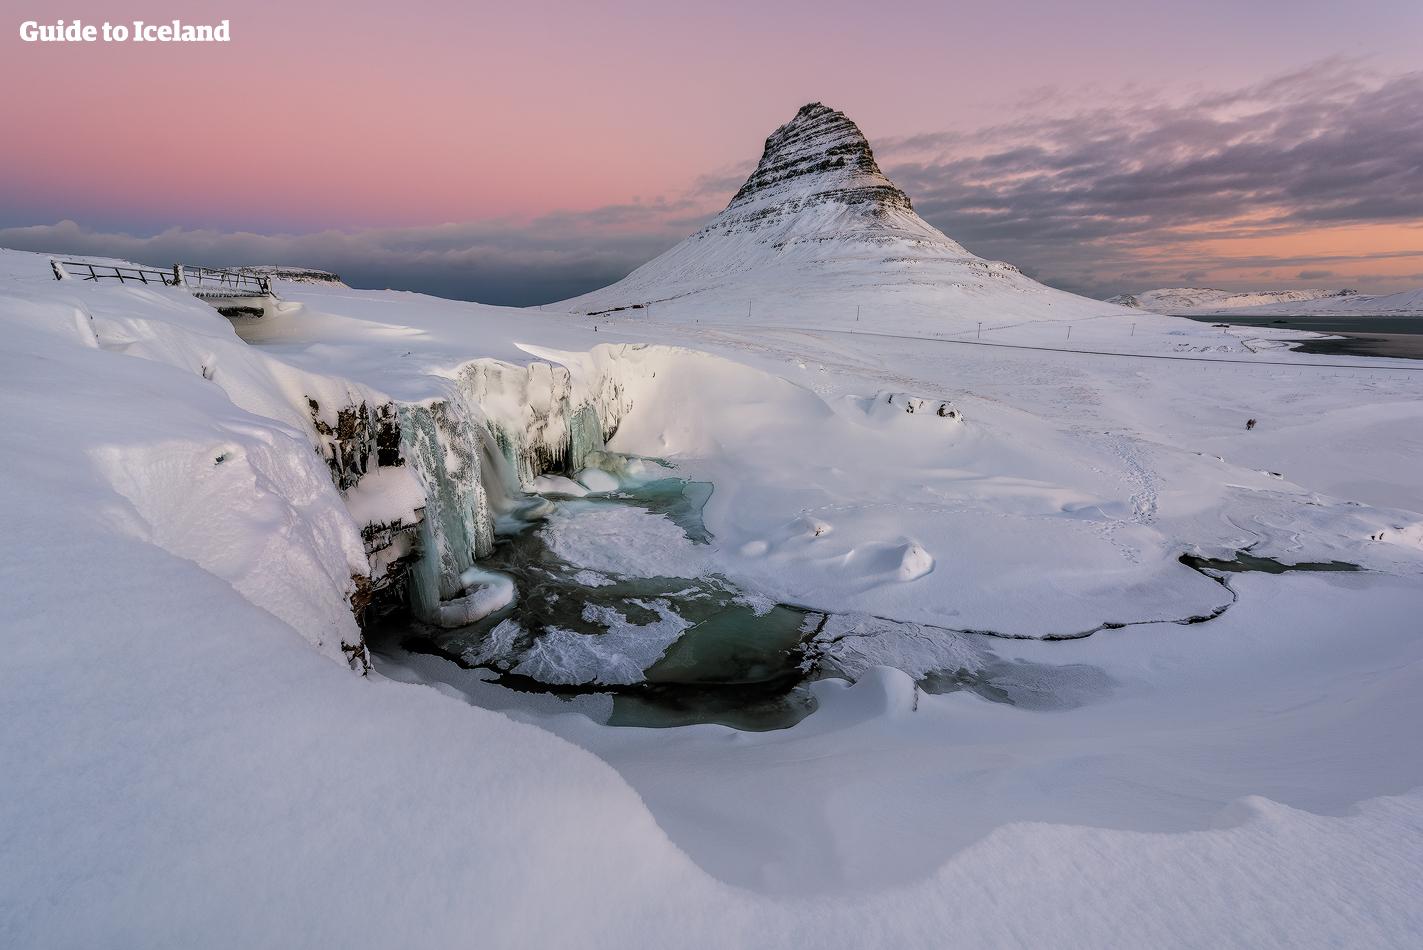 """Półwysep Snaefellsnes często nazywany jest """"Islandią w miniaturze""""."""